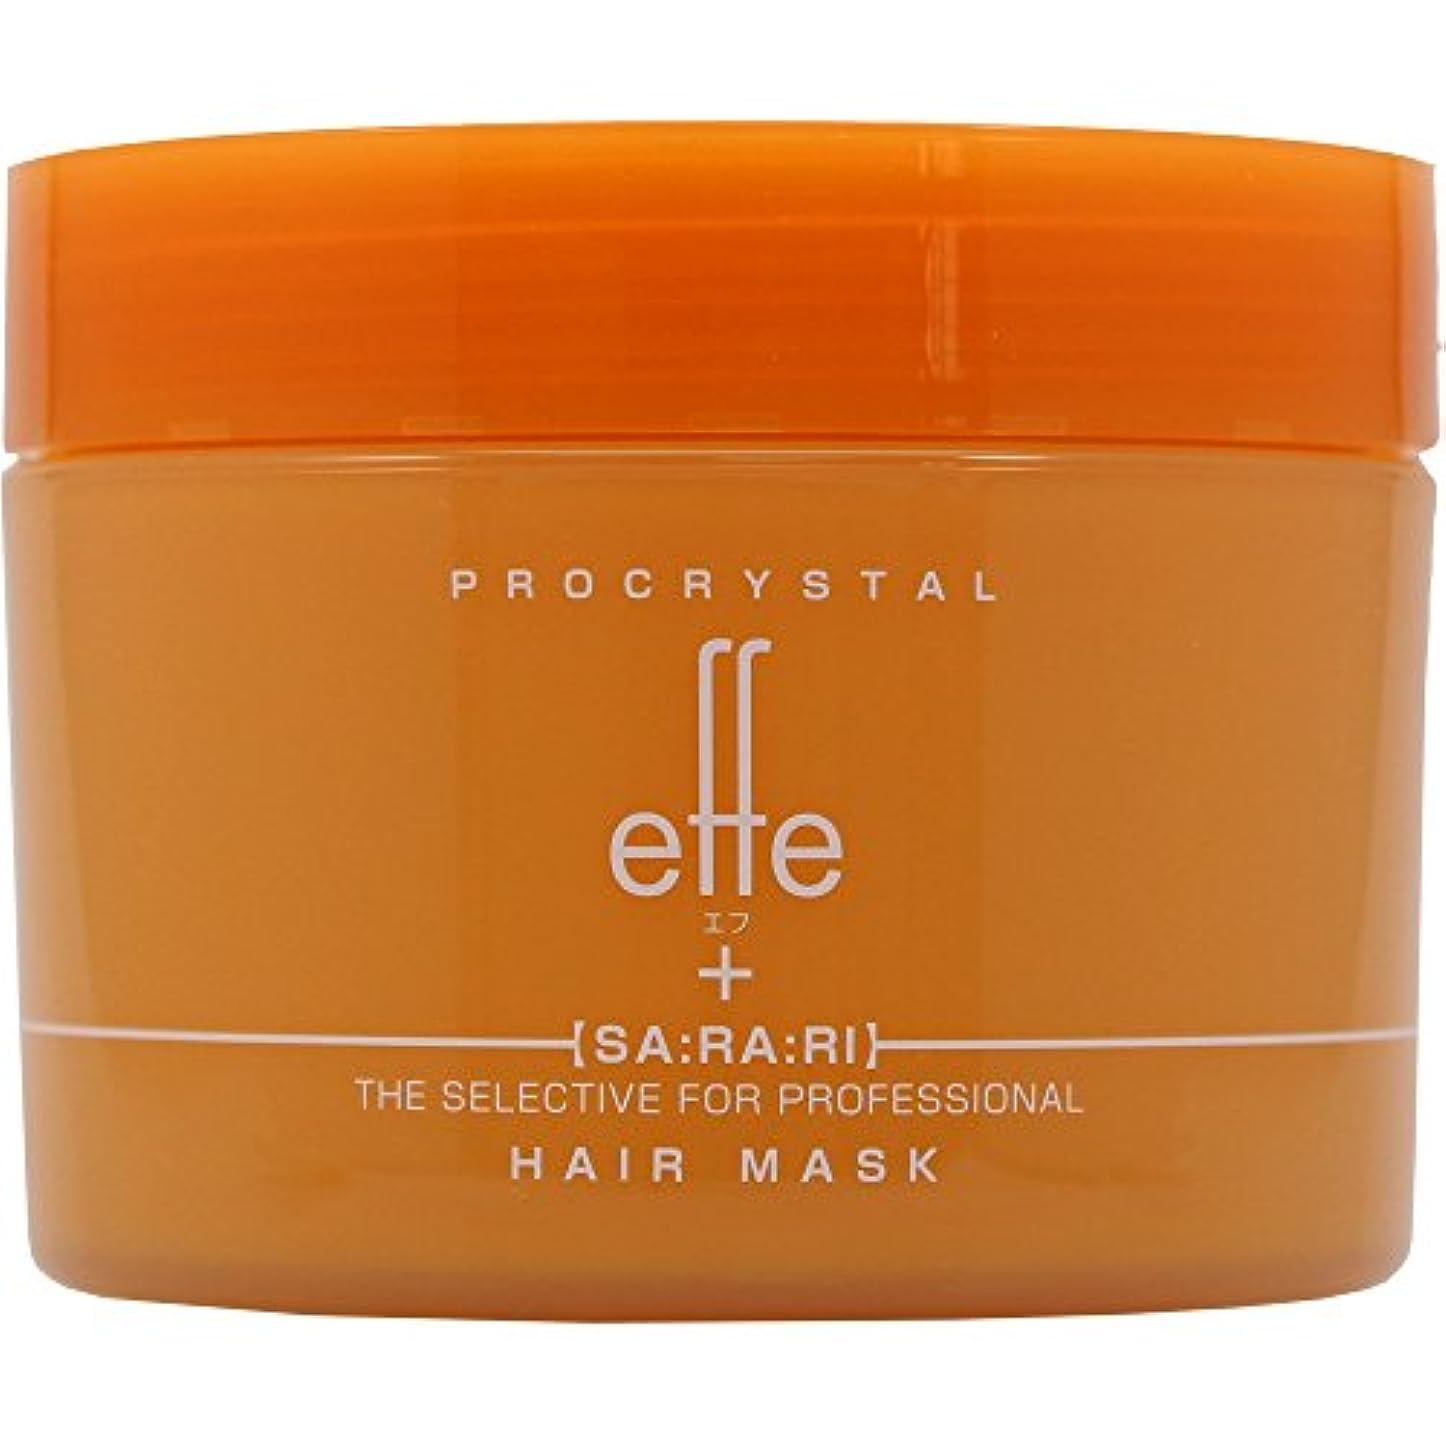 アペティート化粧品 プロクリスタル effe (エフ) ヘアマスク さらり200g